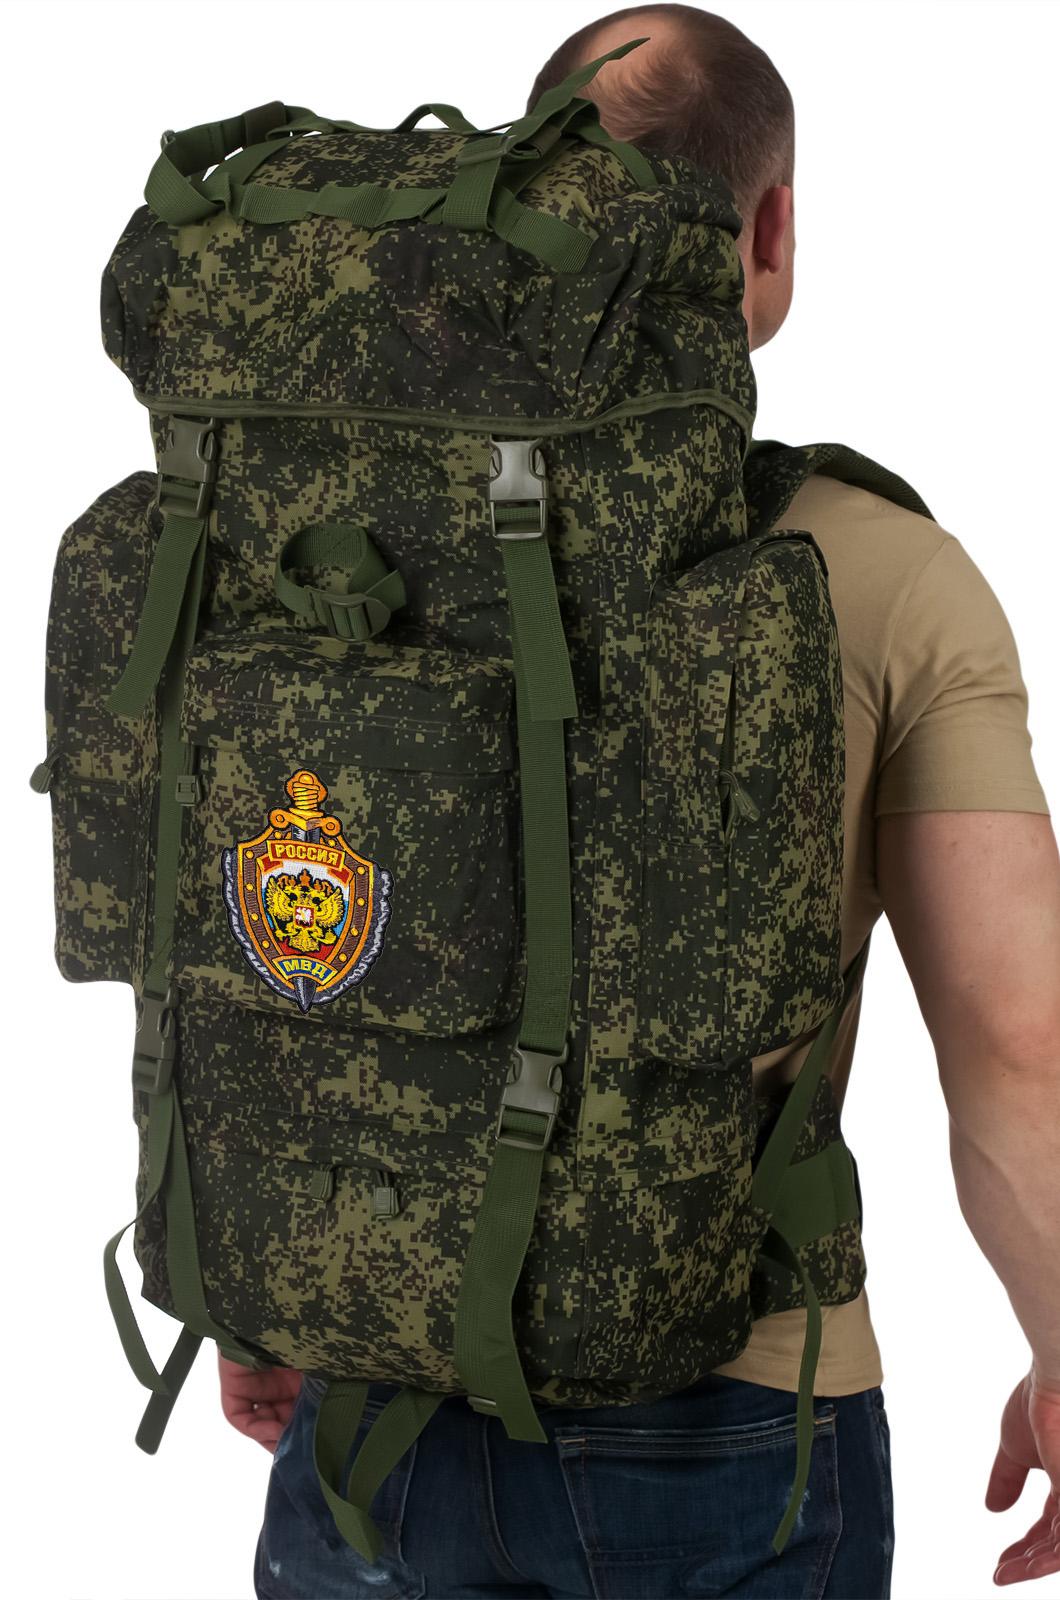 Тактический рейдовый рюкзак для Вооруженных Сил с эмблемой МВД оптом в Военпро